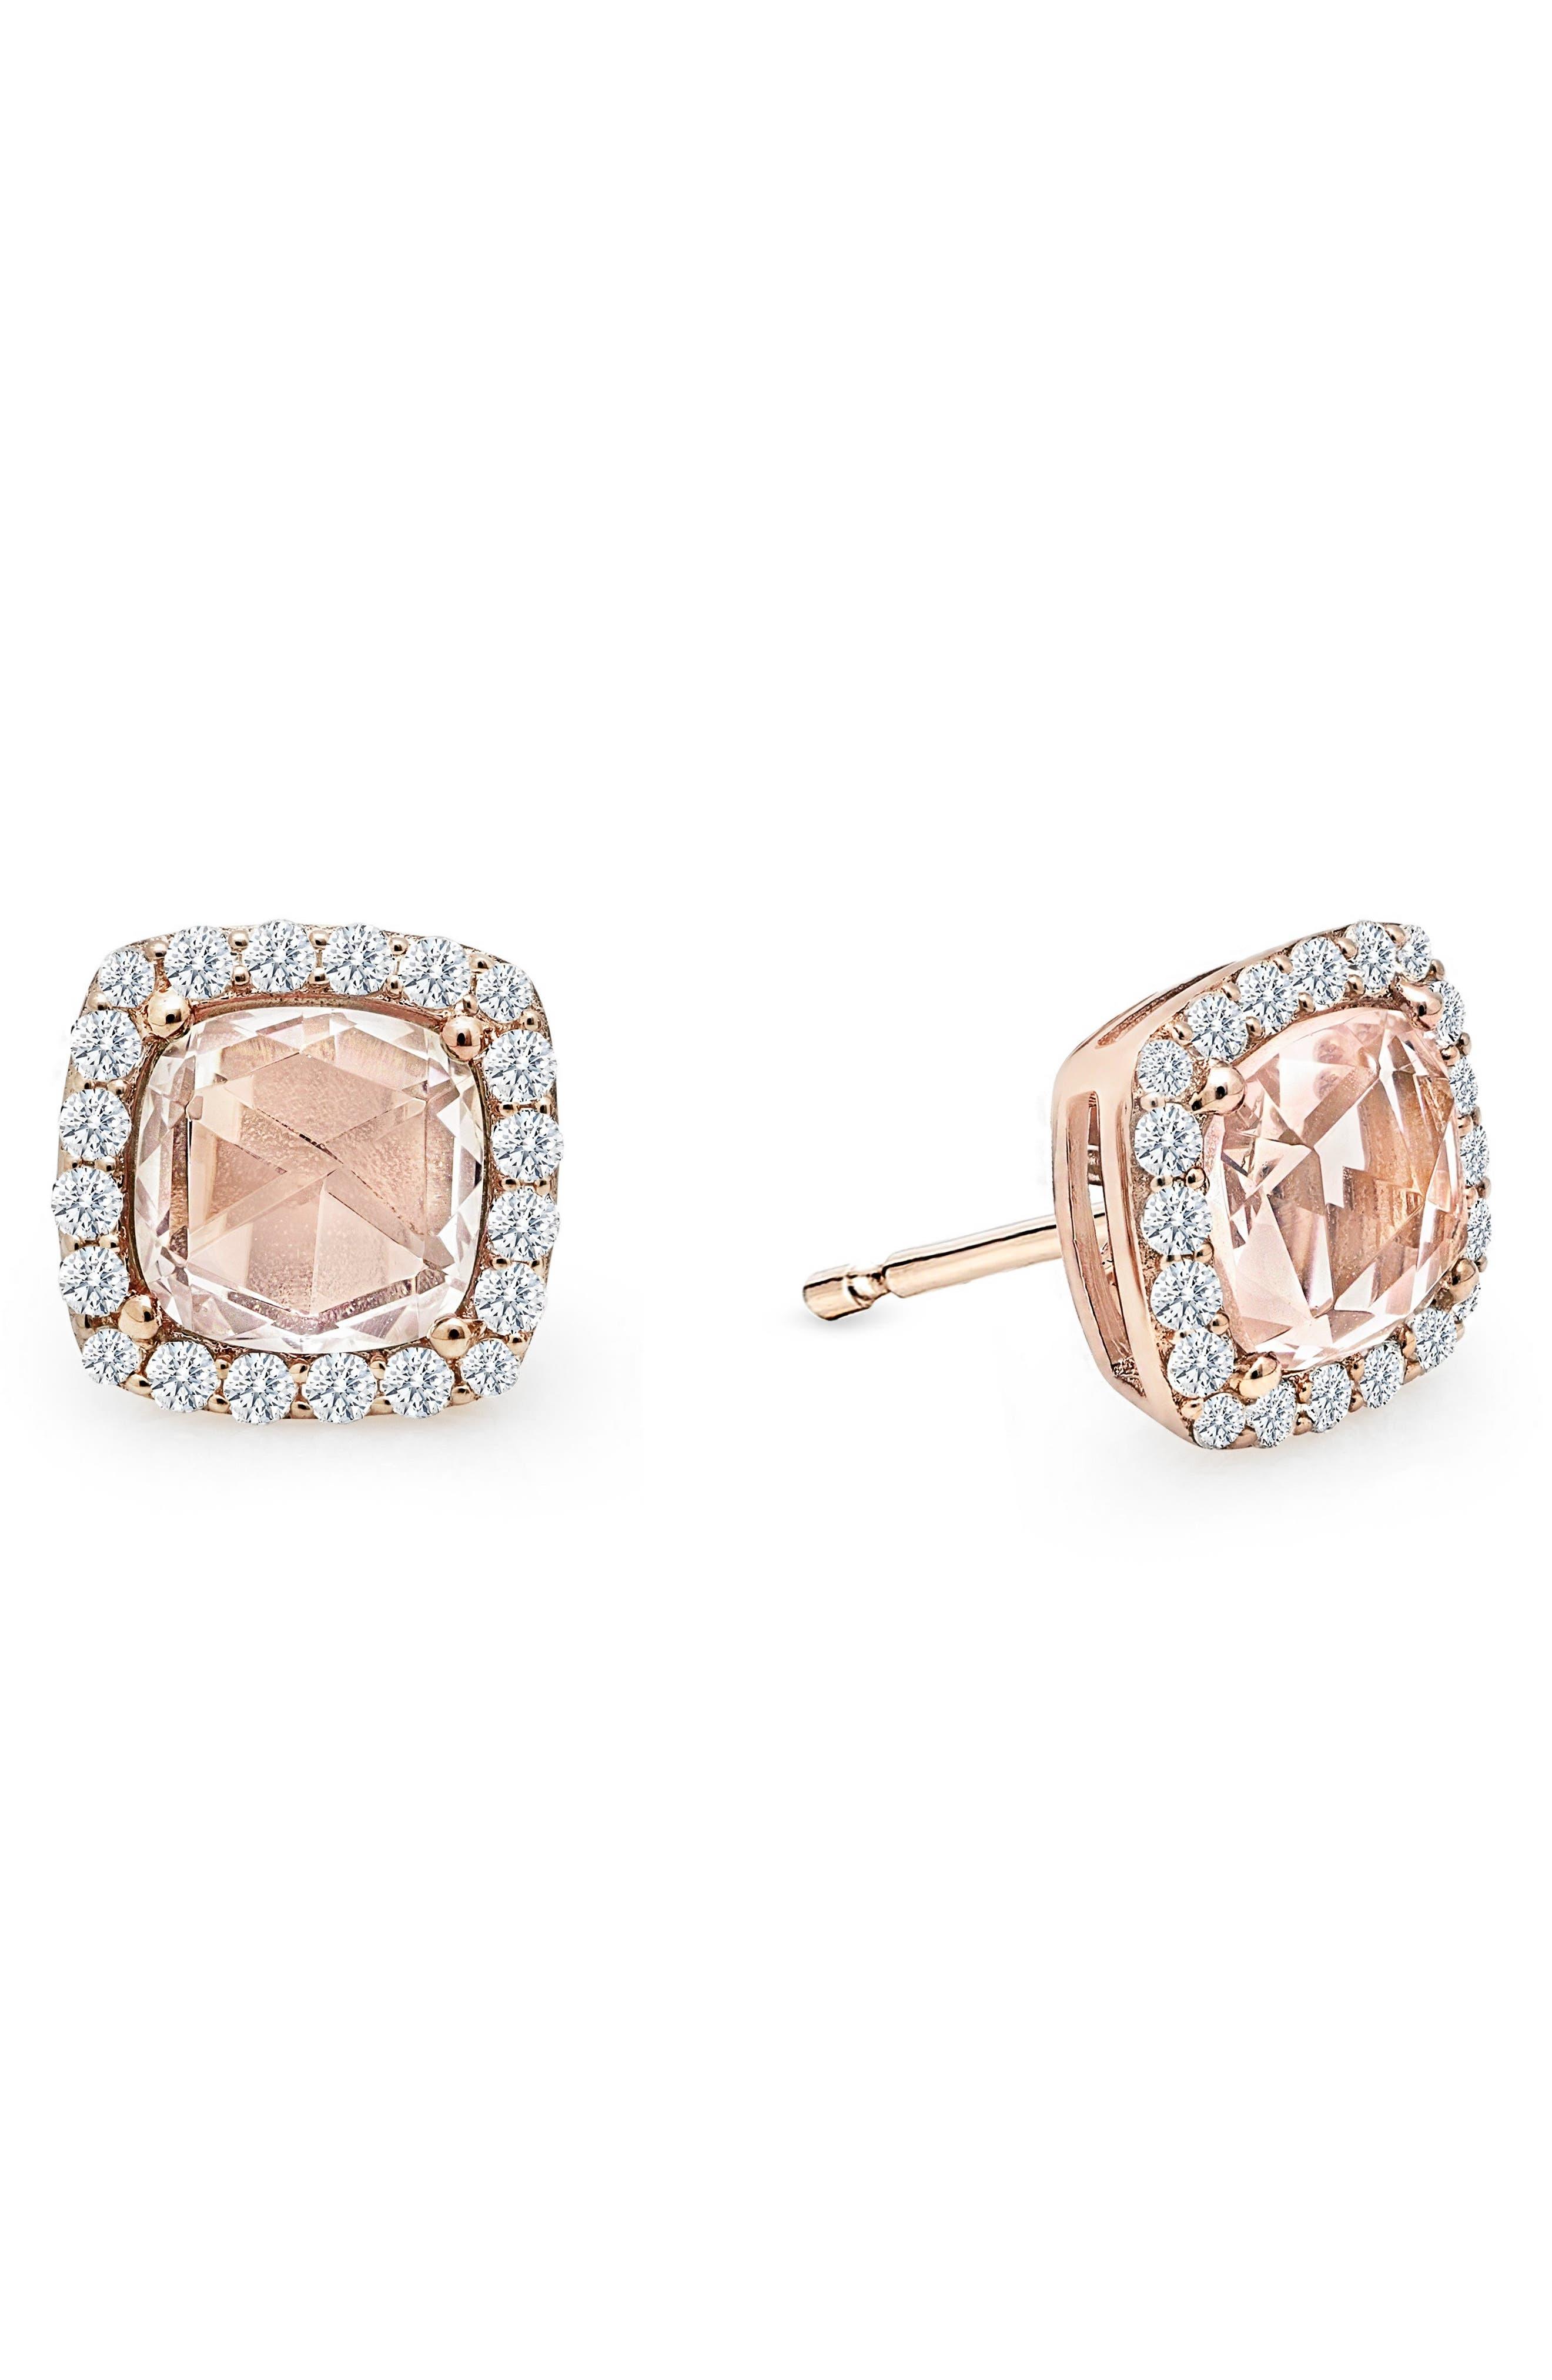 Simulated Diamond & Simulated Morganite Stud Earrings